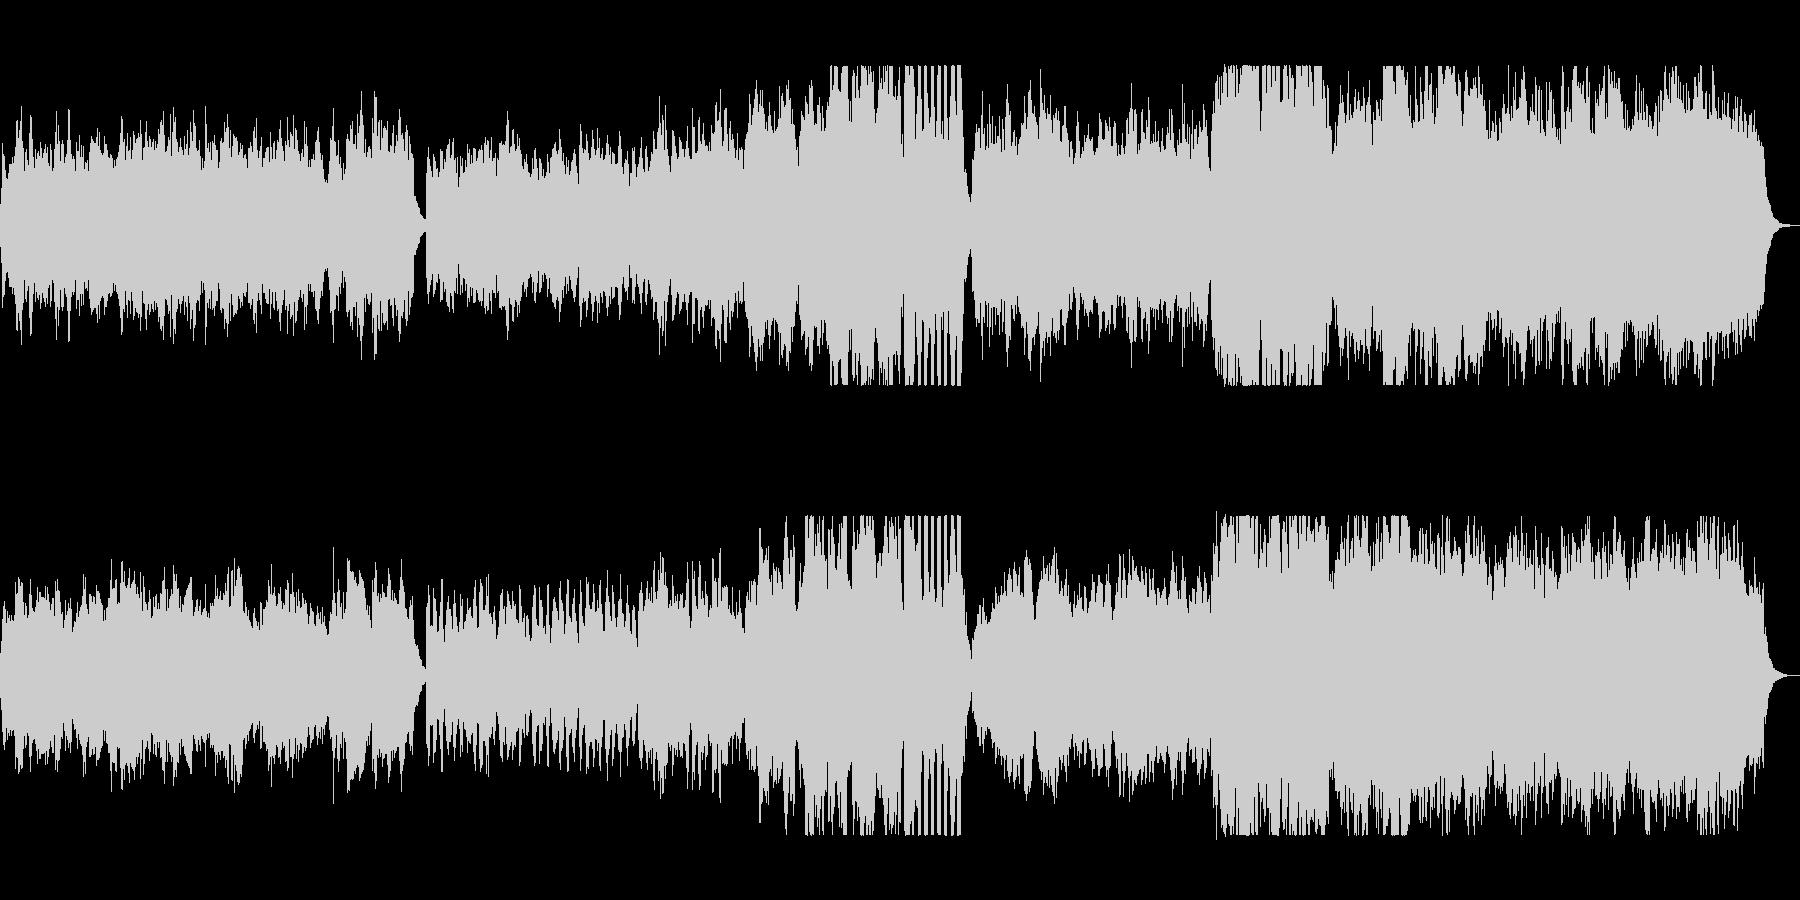 優しい安らぎの子守歌風クラシカルバラードの未再生の波形